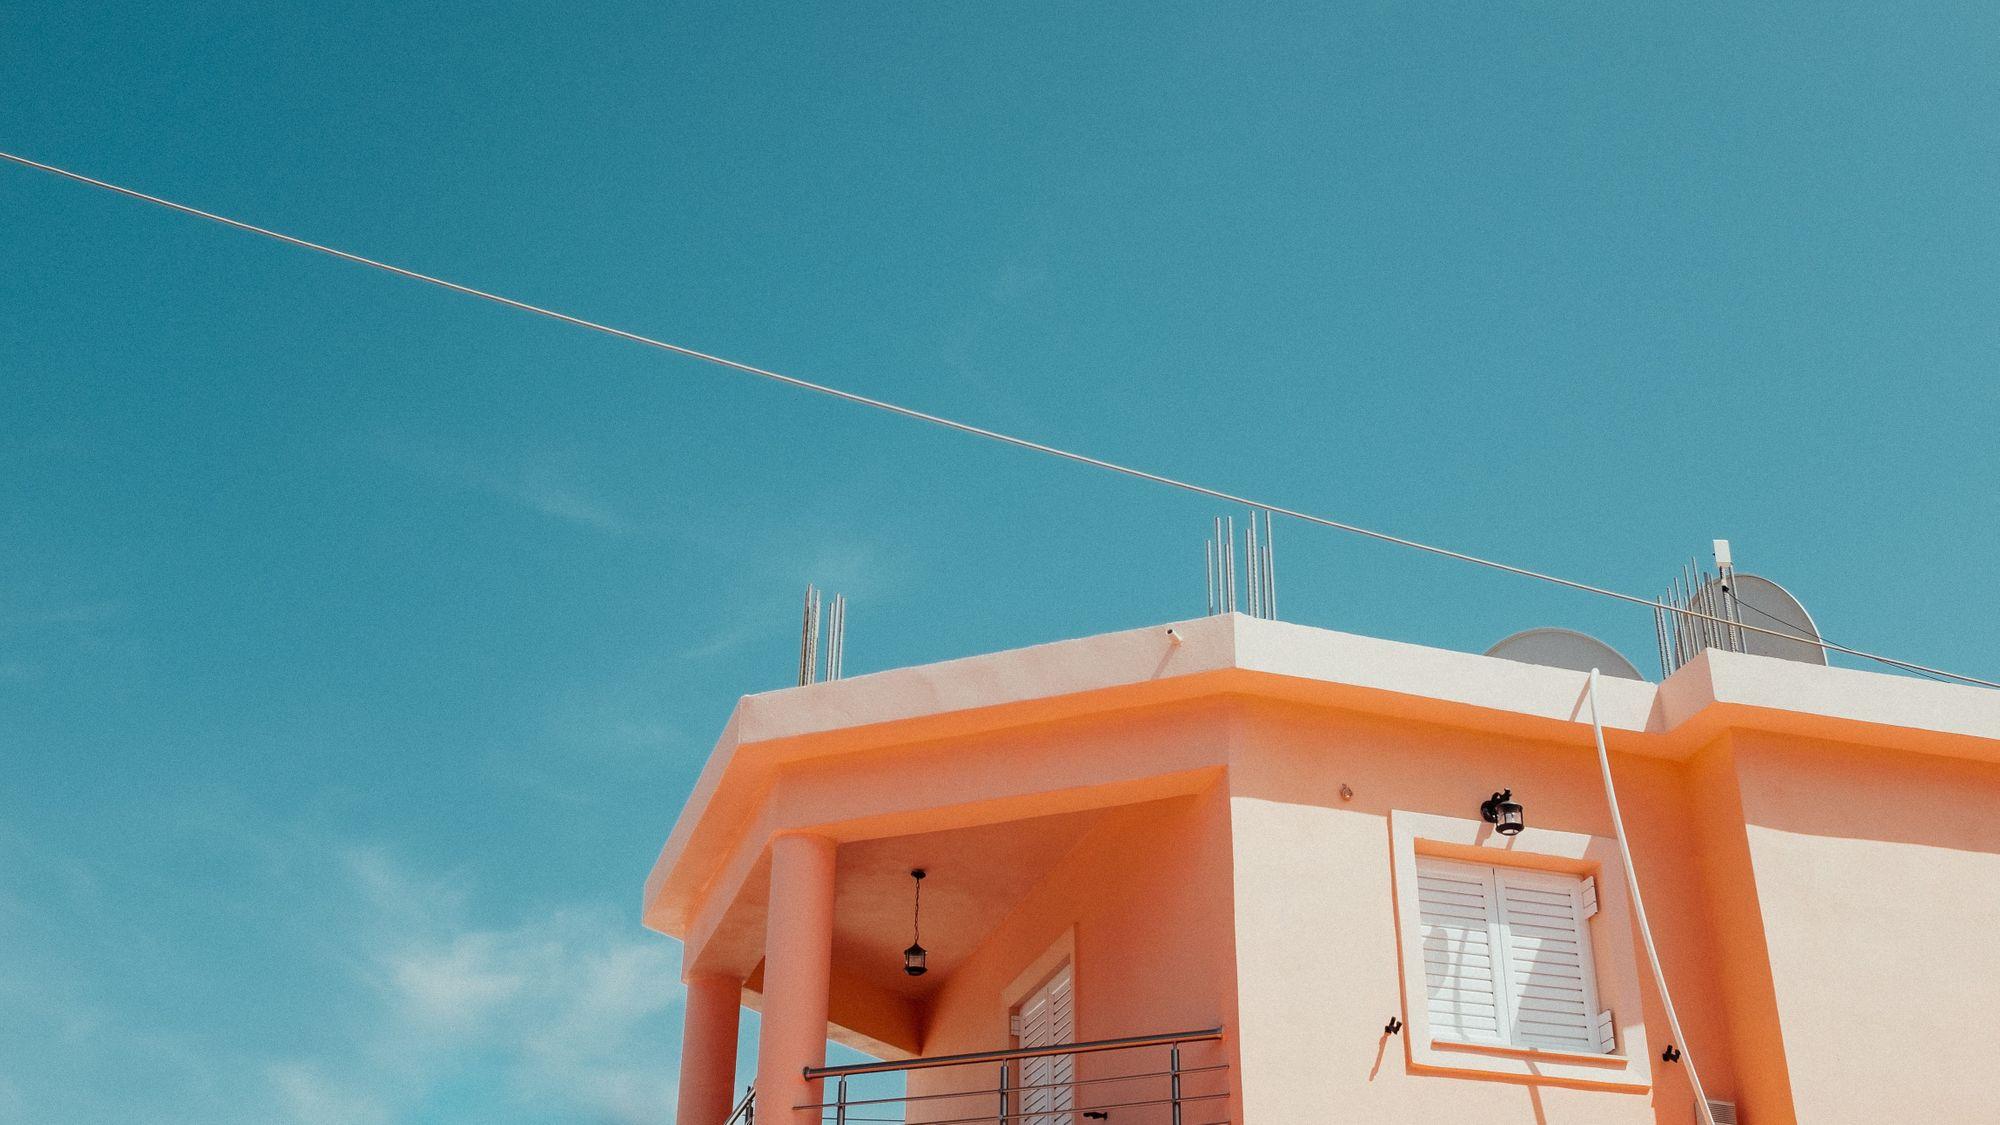 Πάνω όροφος σπιτιού με μπαλκόνι